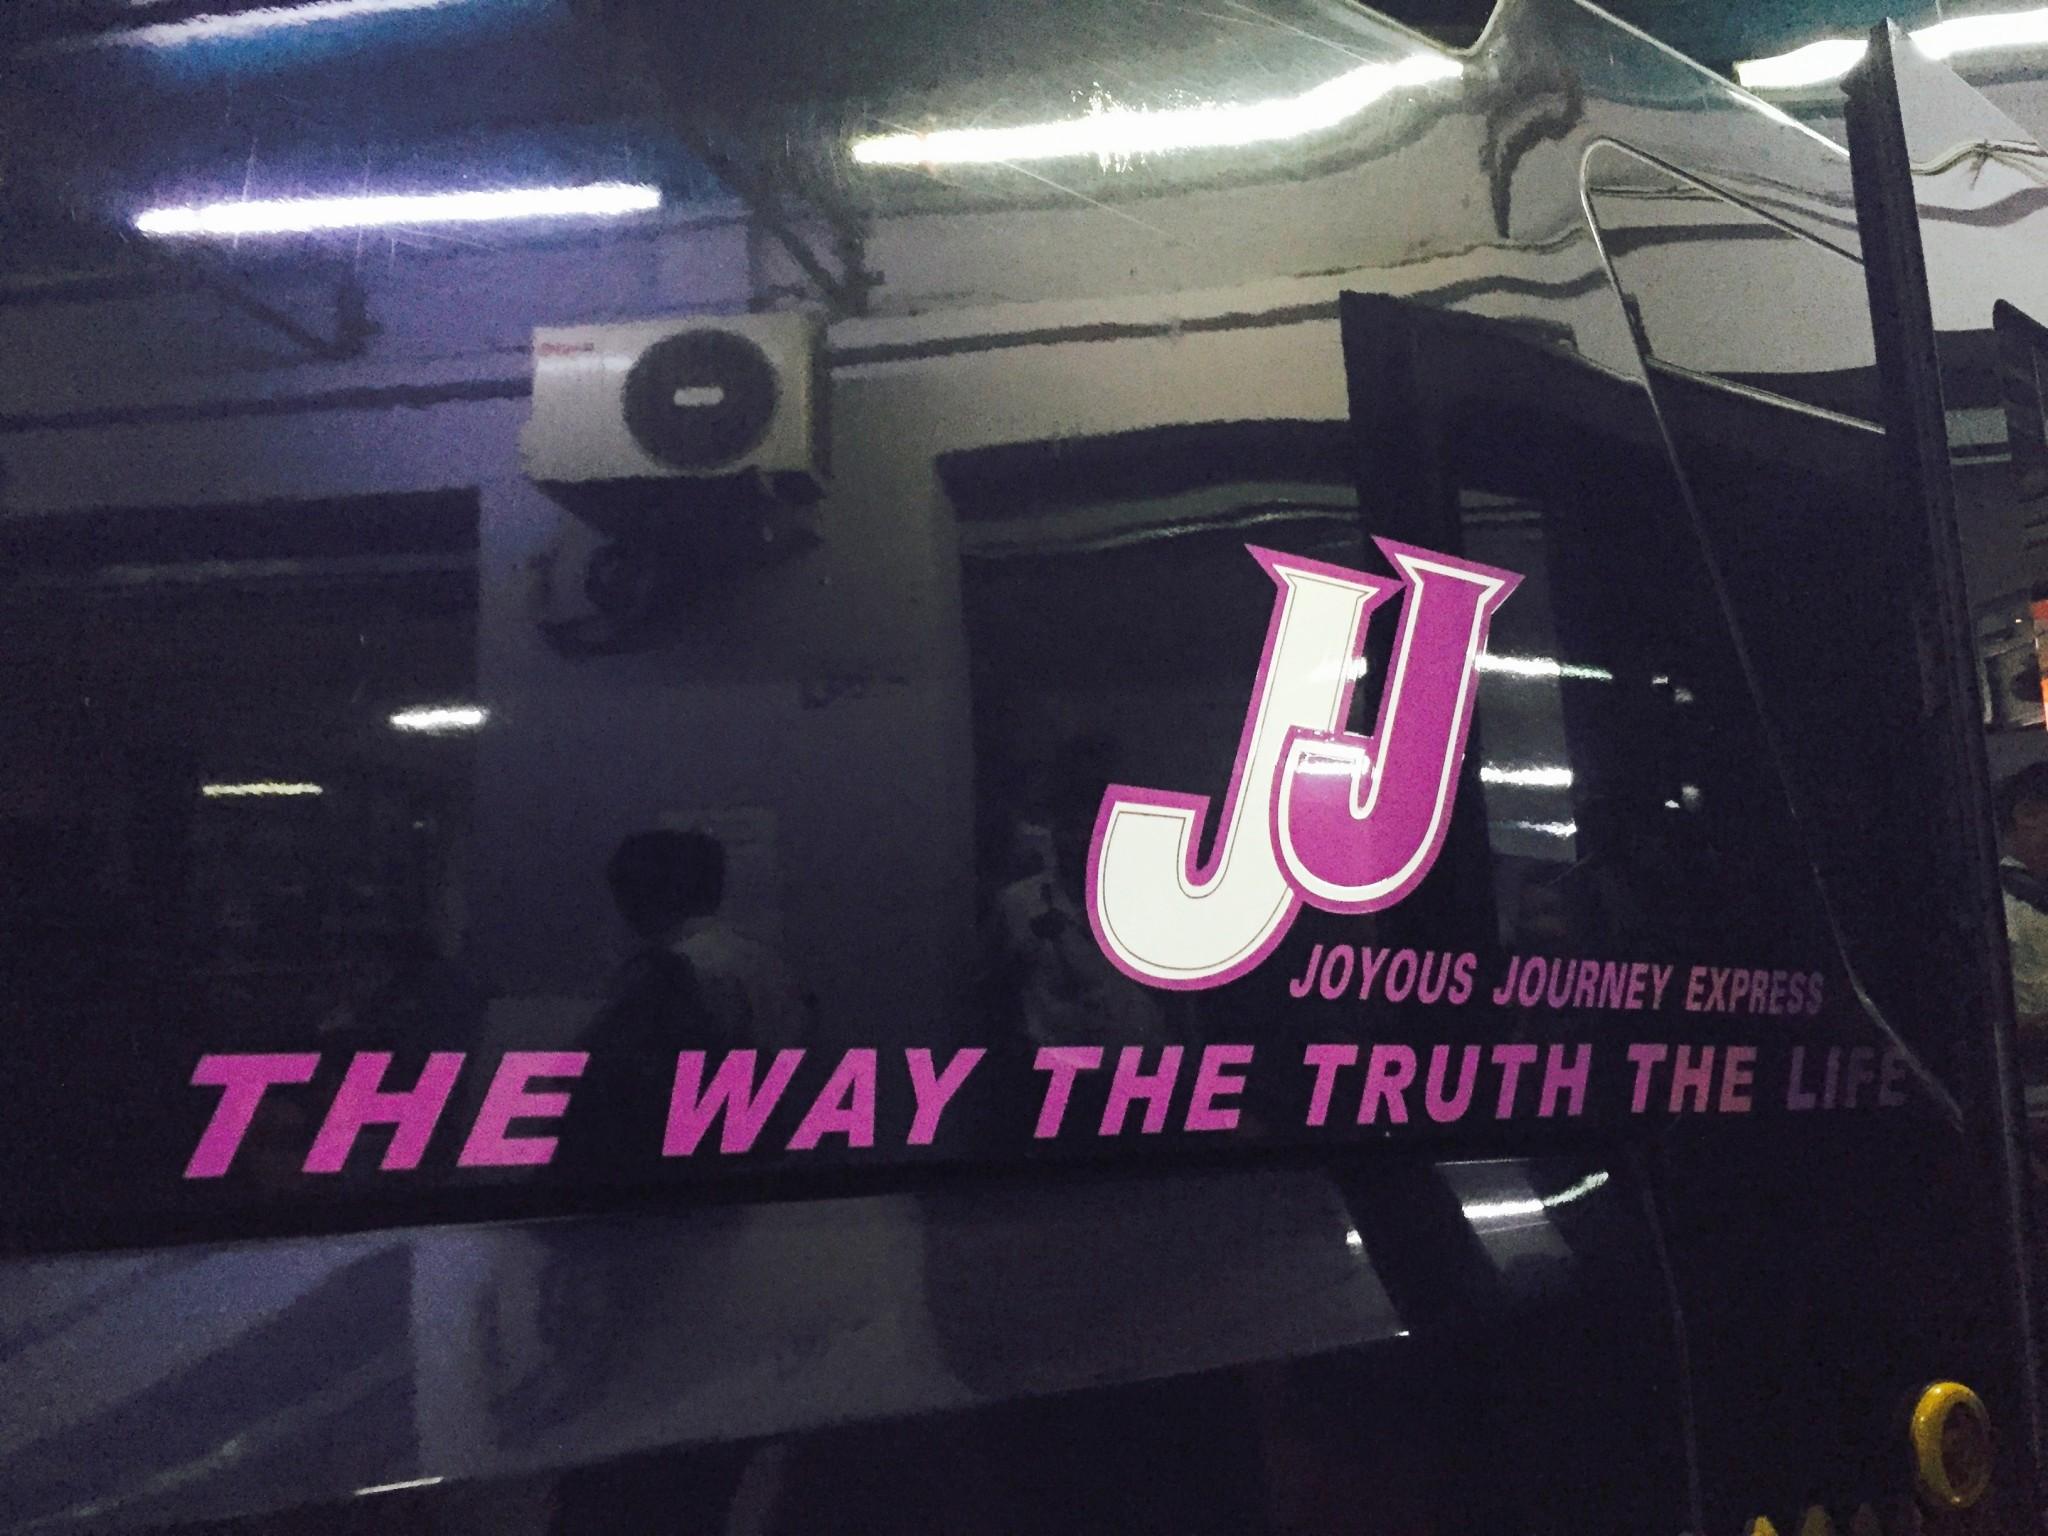 JJ Express Bus